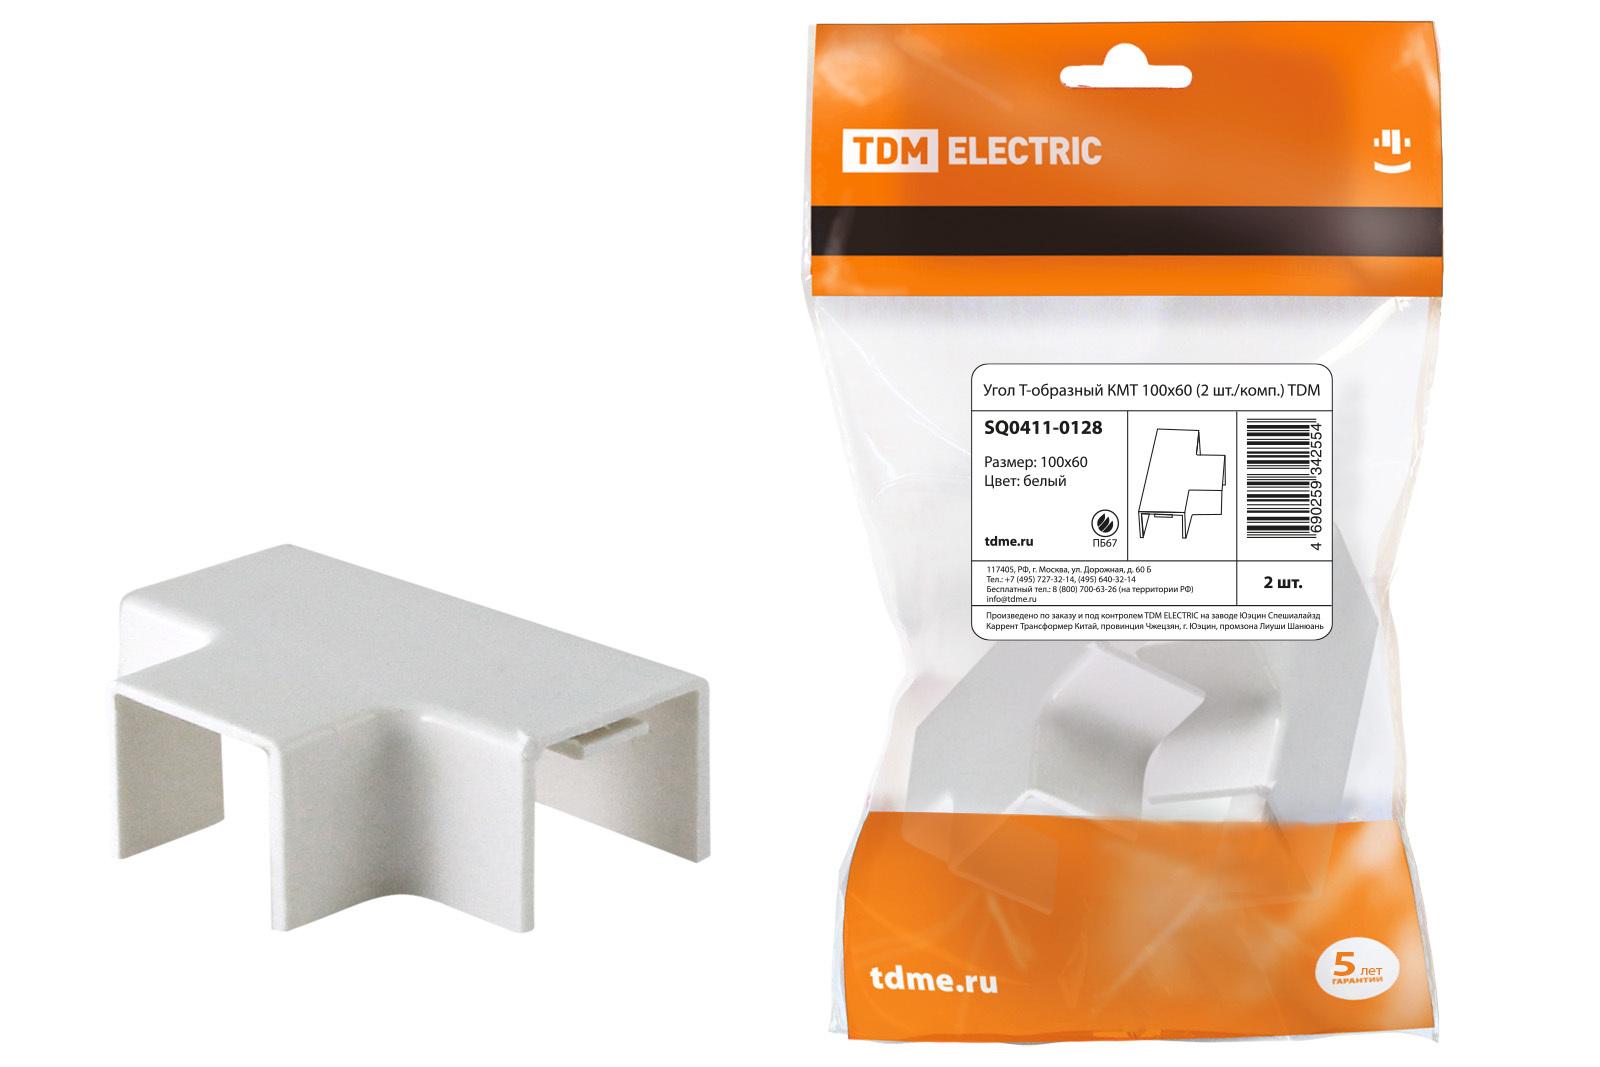 Угол Т-образный КМТ 100х60 (2 шт./комп.) TDM